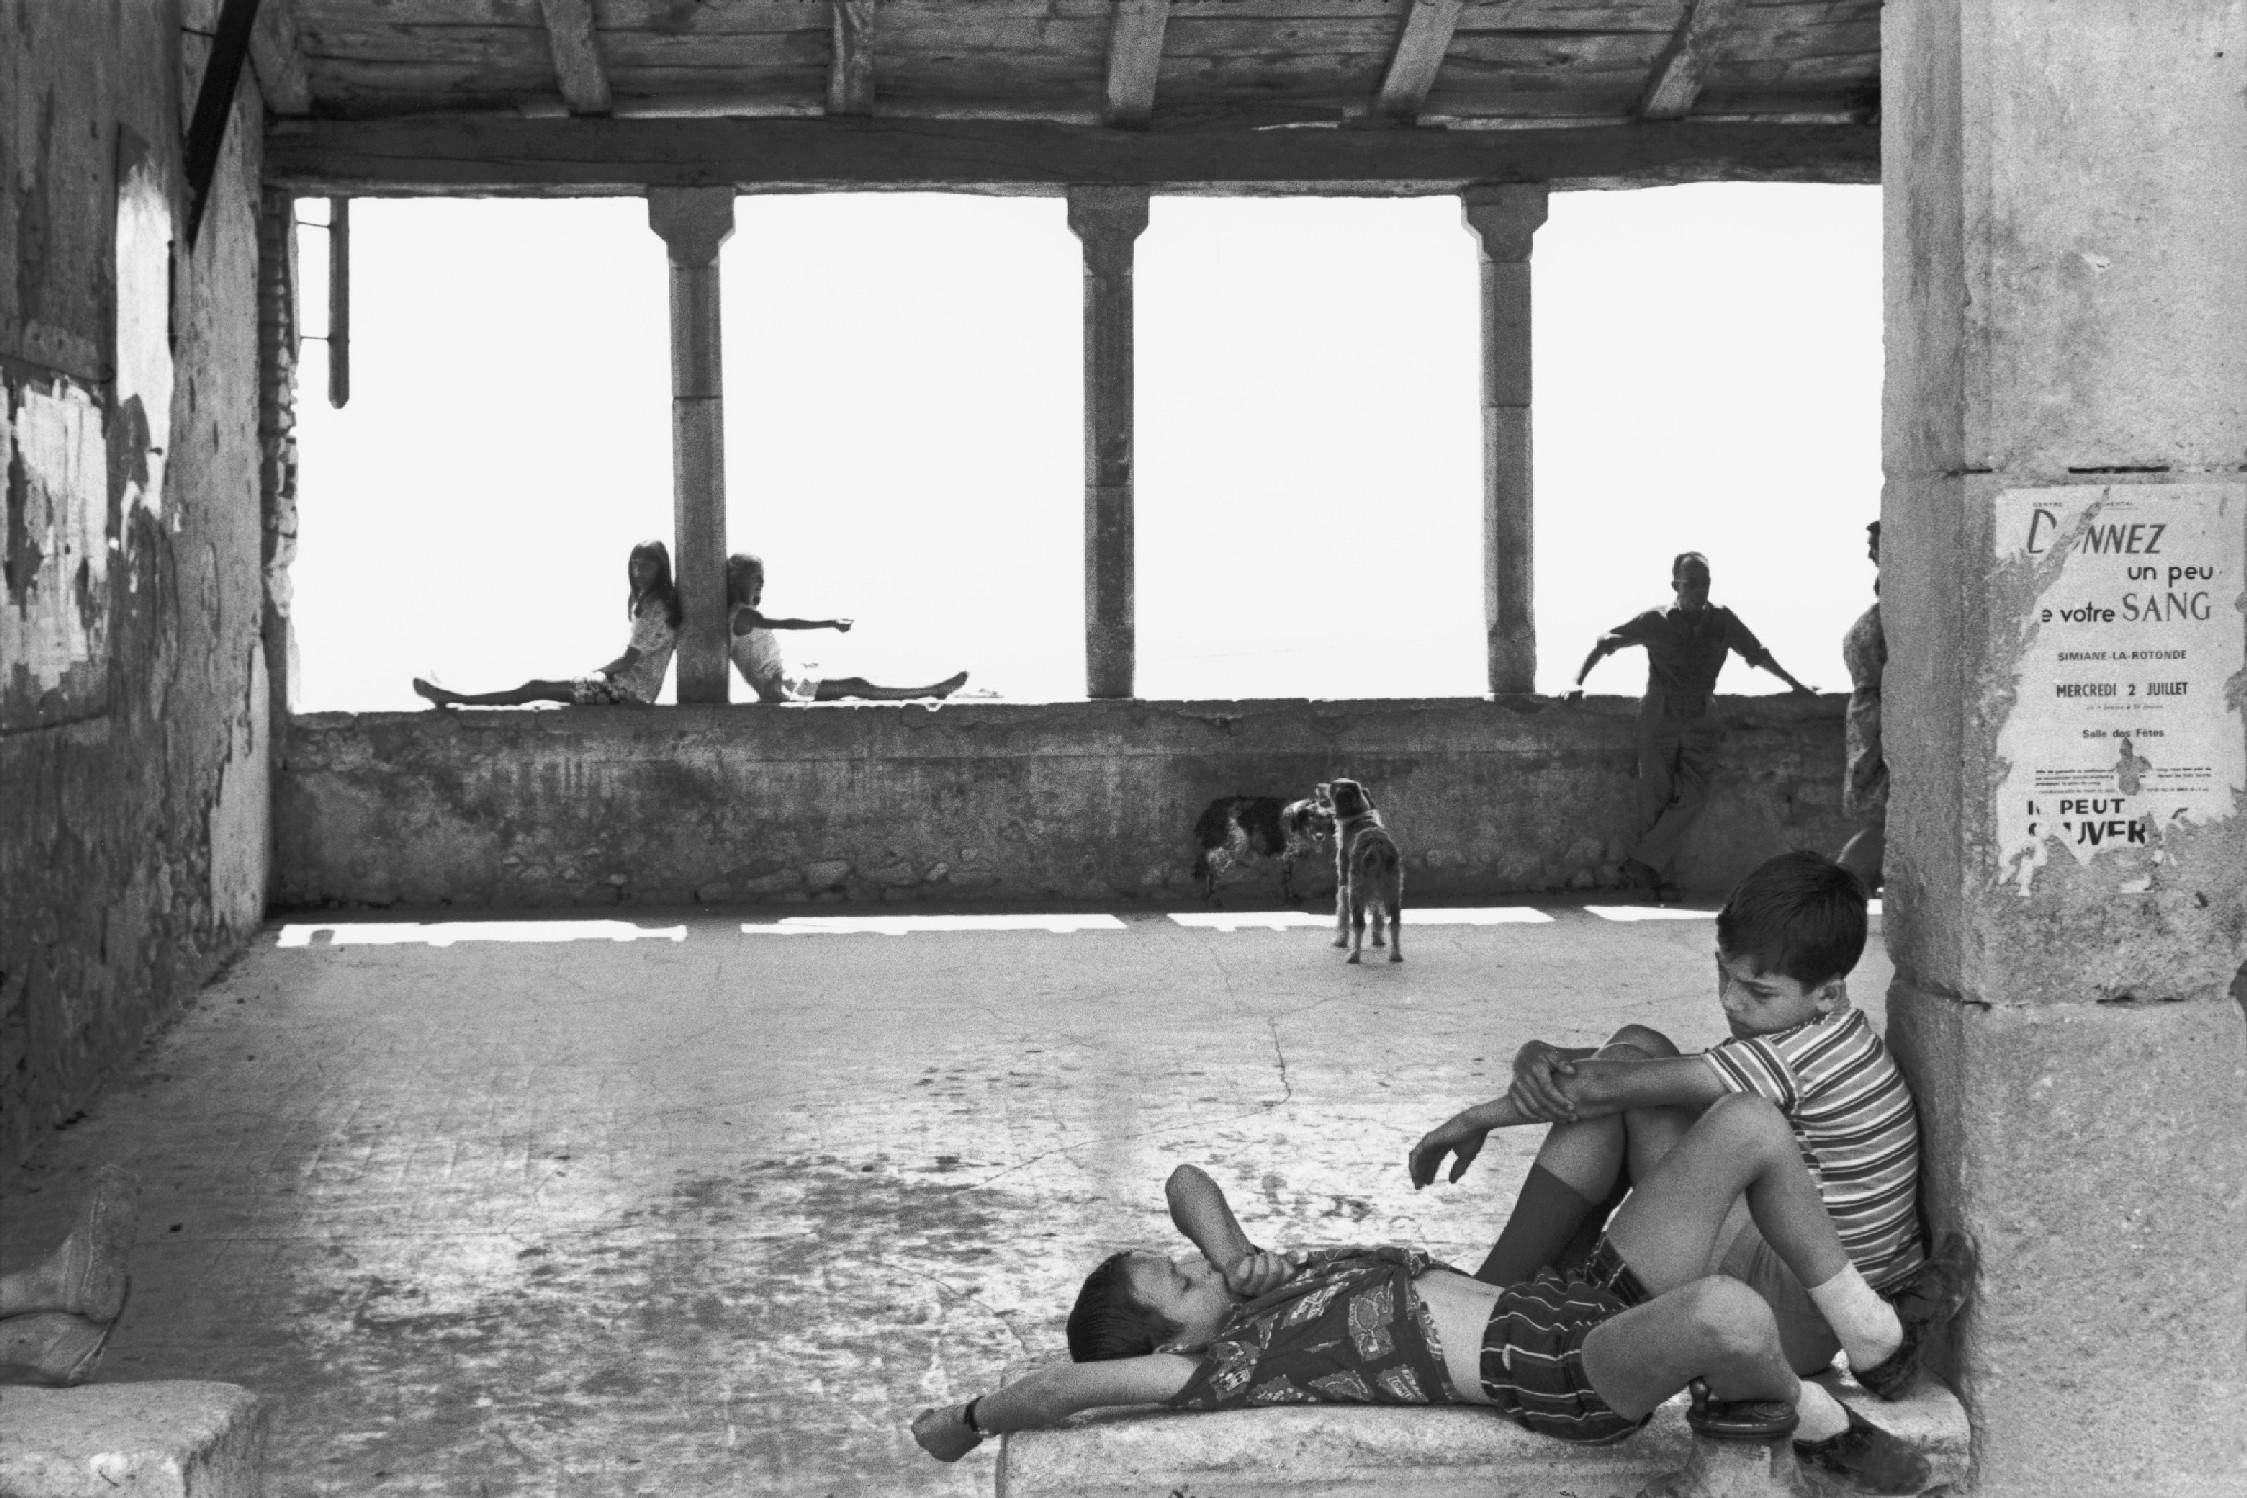 Le Grand Jeu. In arrivo a Venezia la grande mostra dedicata a Henri Cartier-Bresson